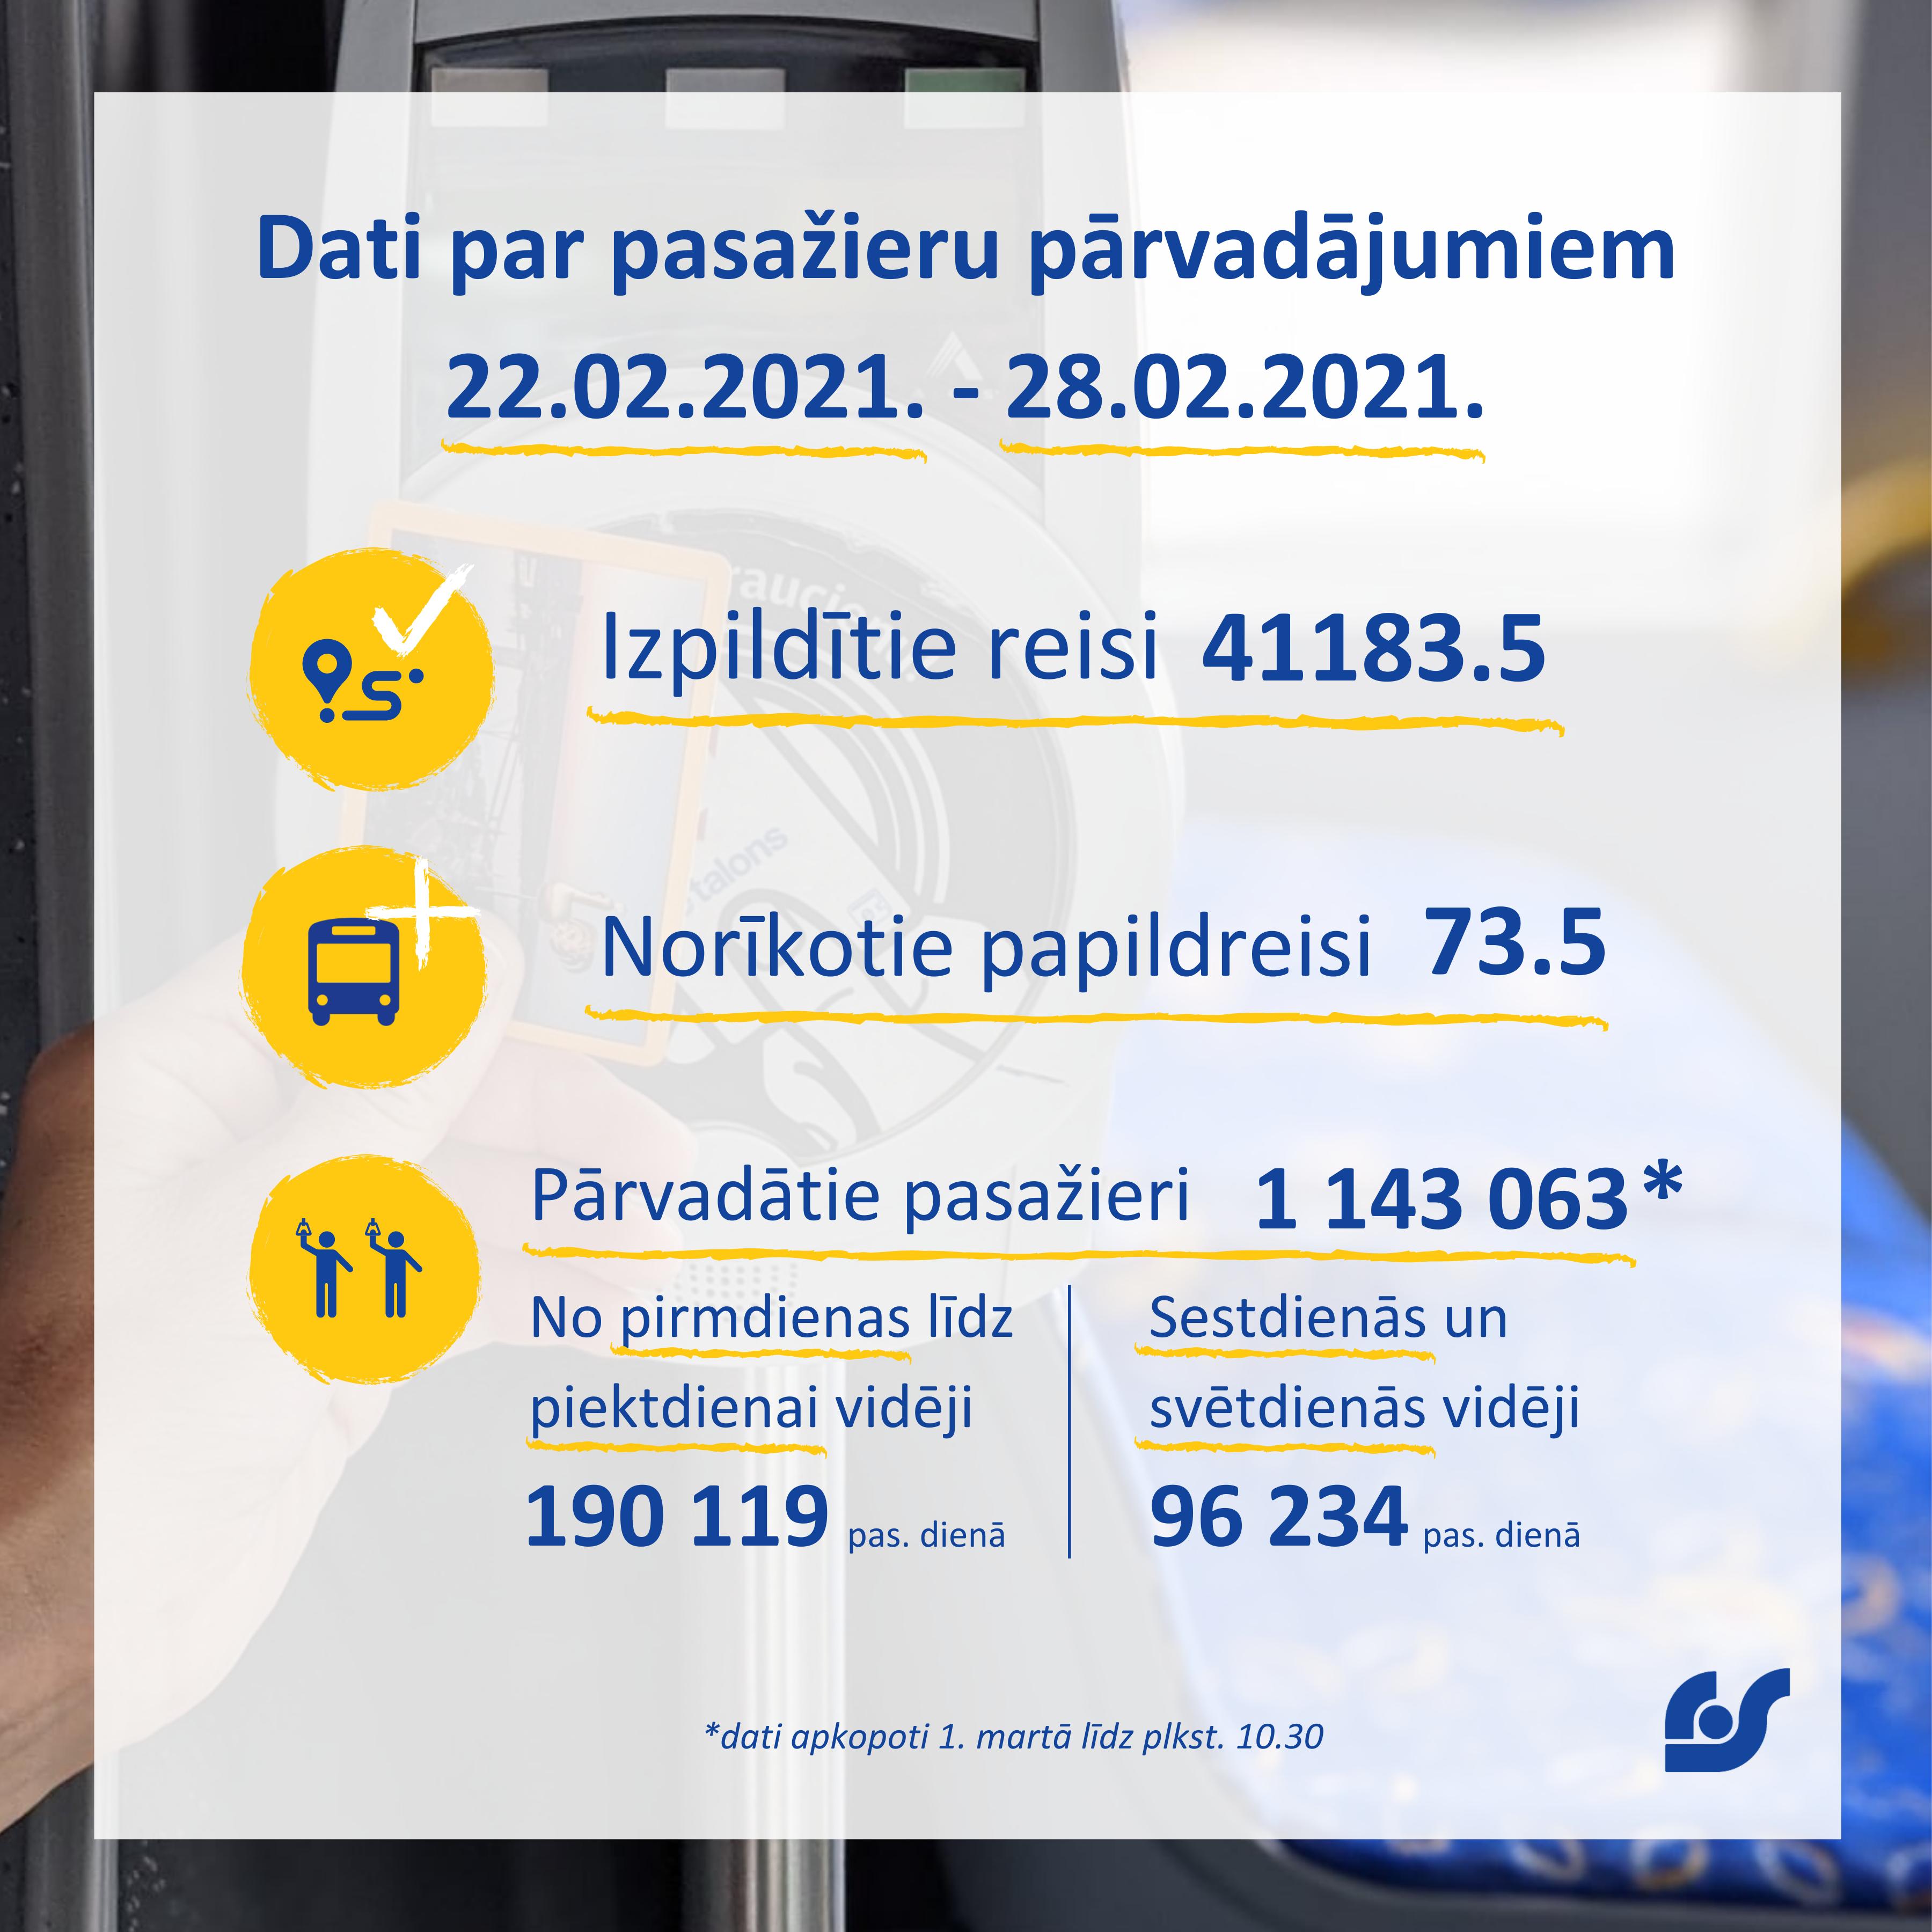 Dati par pasažieru pārvadājumiem 22.02.2021. - 28.02.2021..png